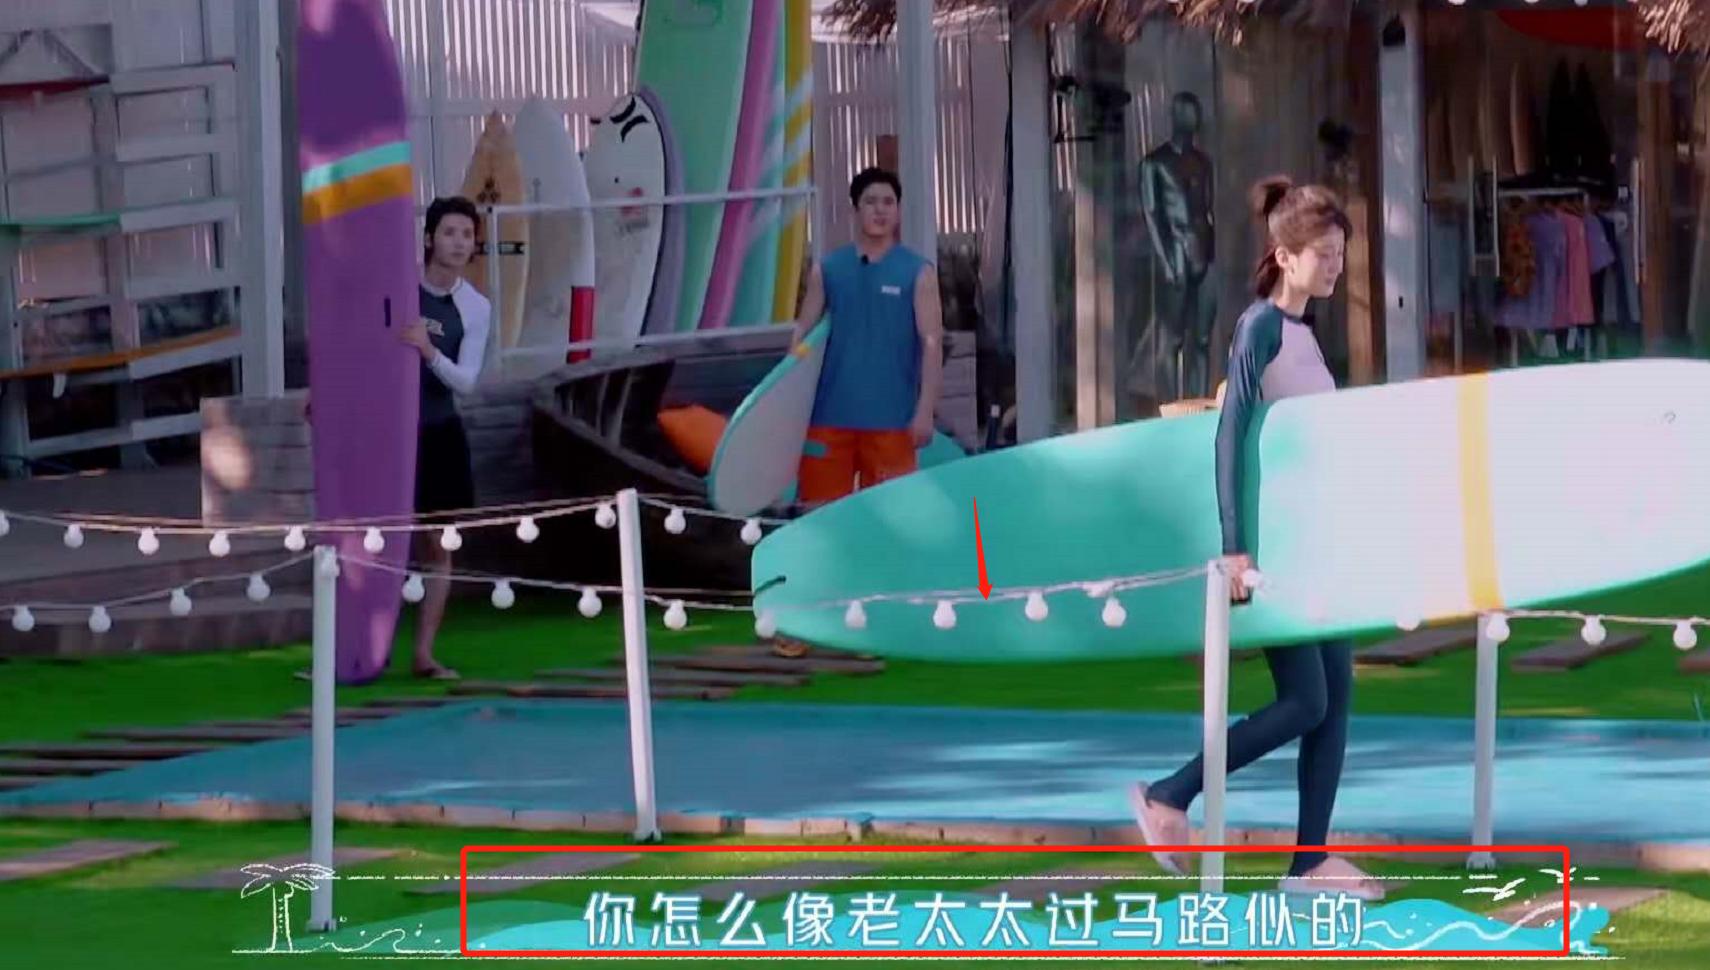 《夏日冲浪店》首播热度第一,比《中餐厅》更解压,全程姨母笑